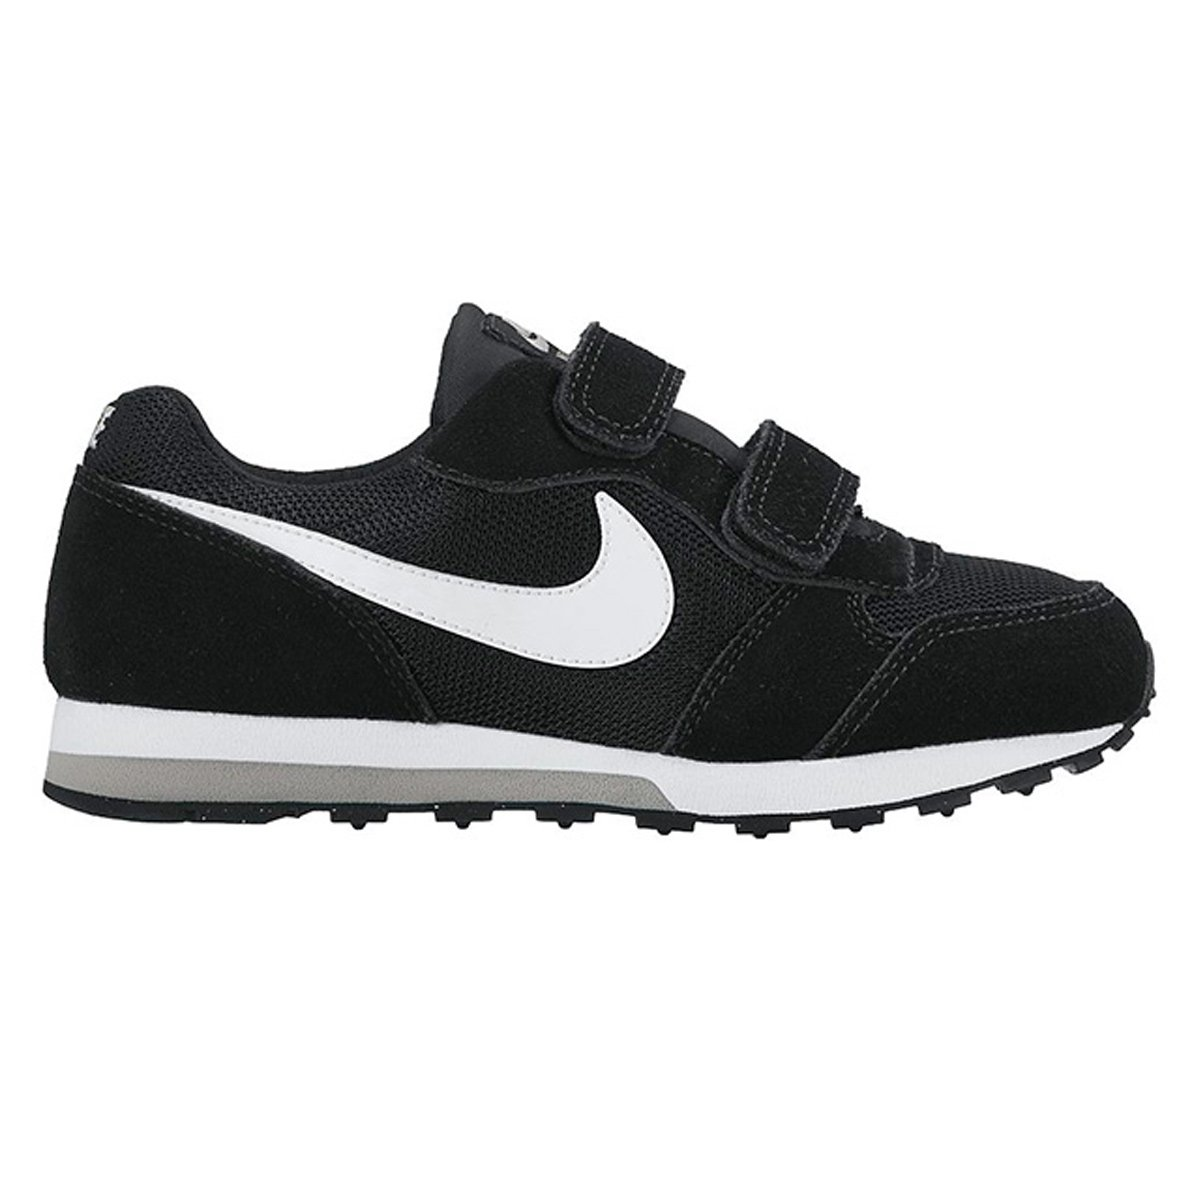 3238576368e33 Tênis Infantil Nike Md Runner 2 - Preto e Cinza - Compre Agora ...